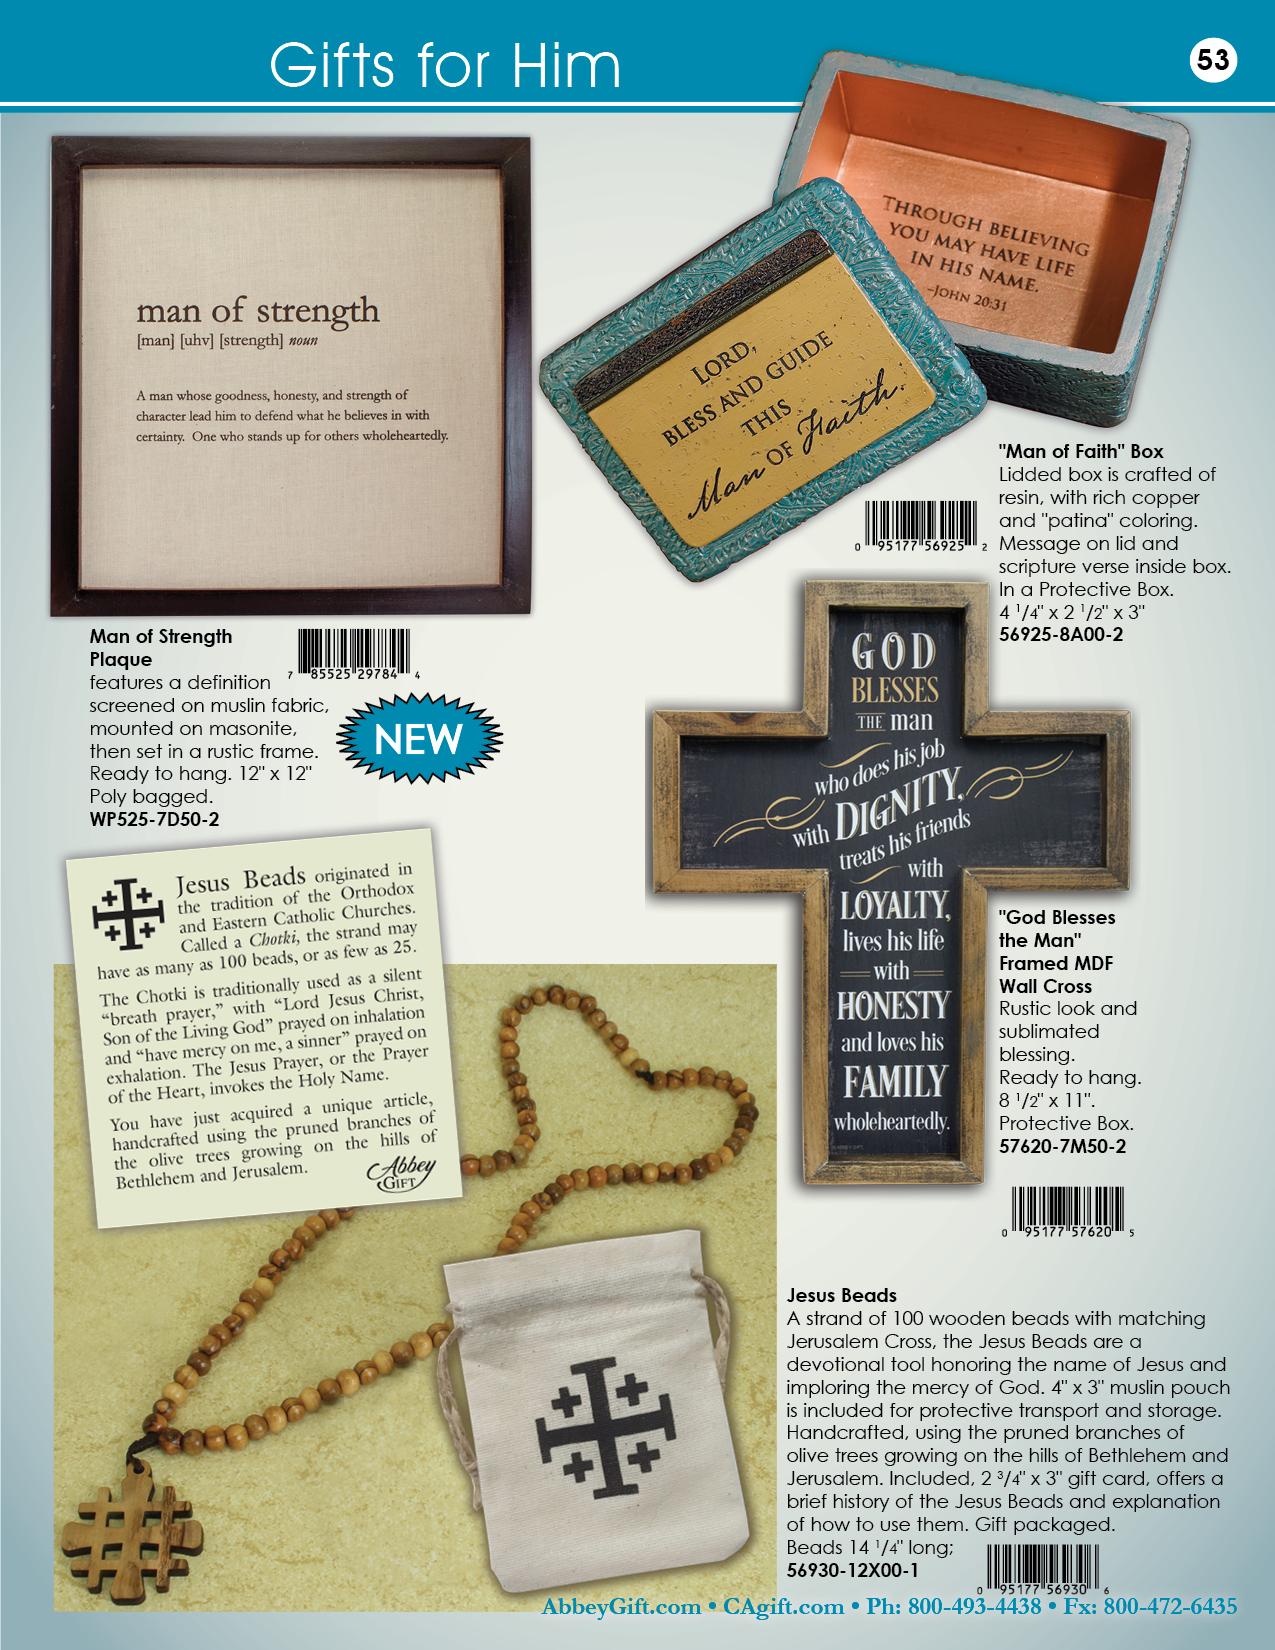 2019 Abbey CA Gift Catalog 53